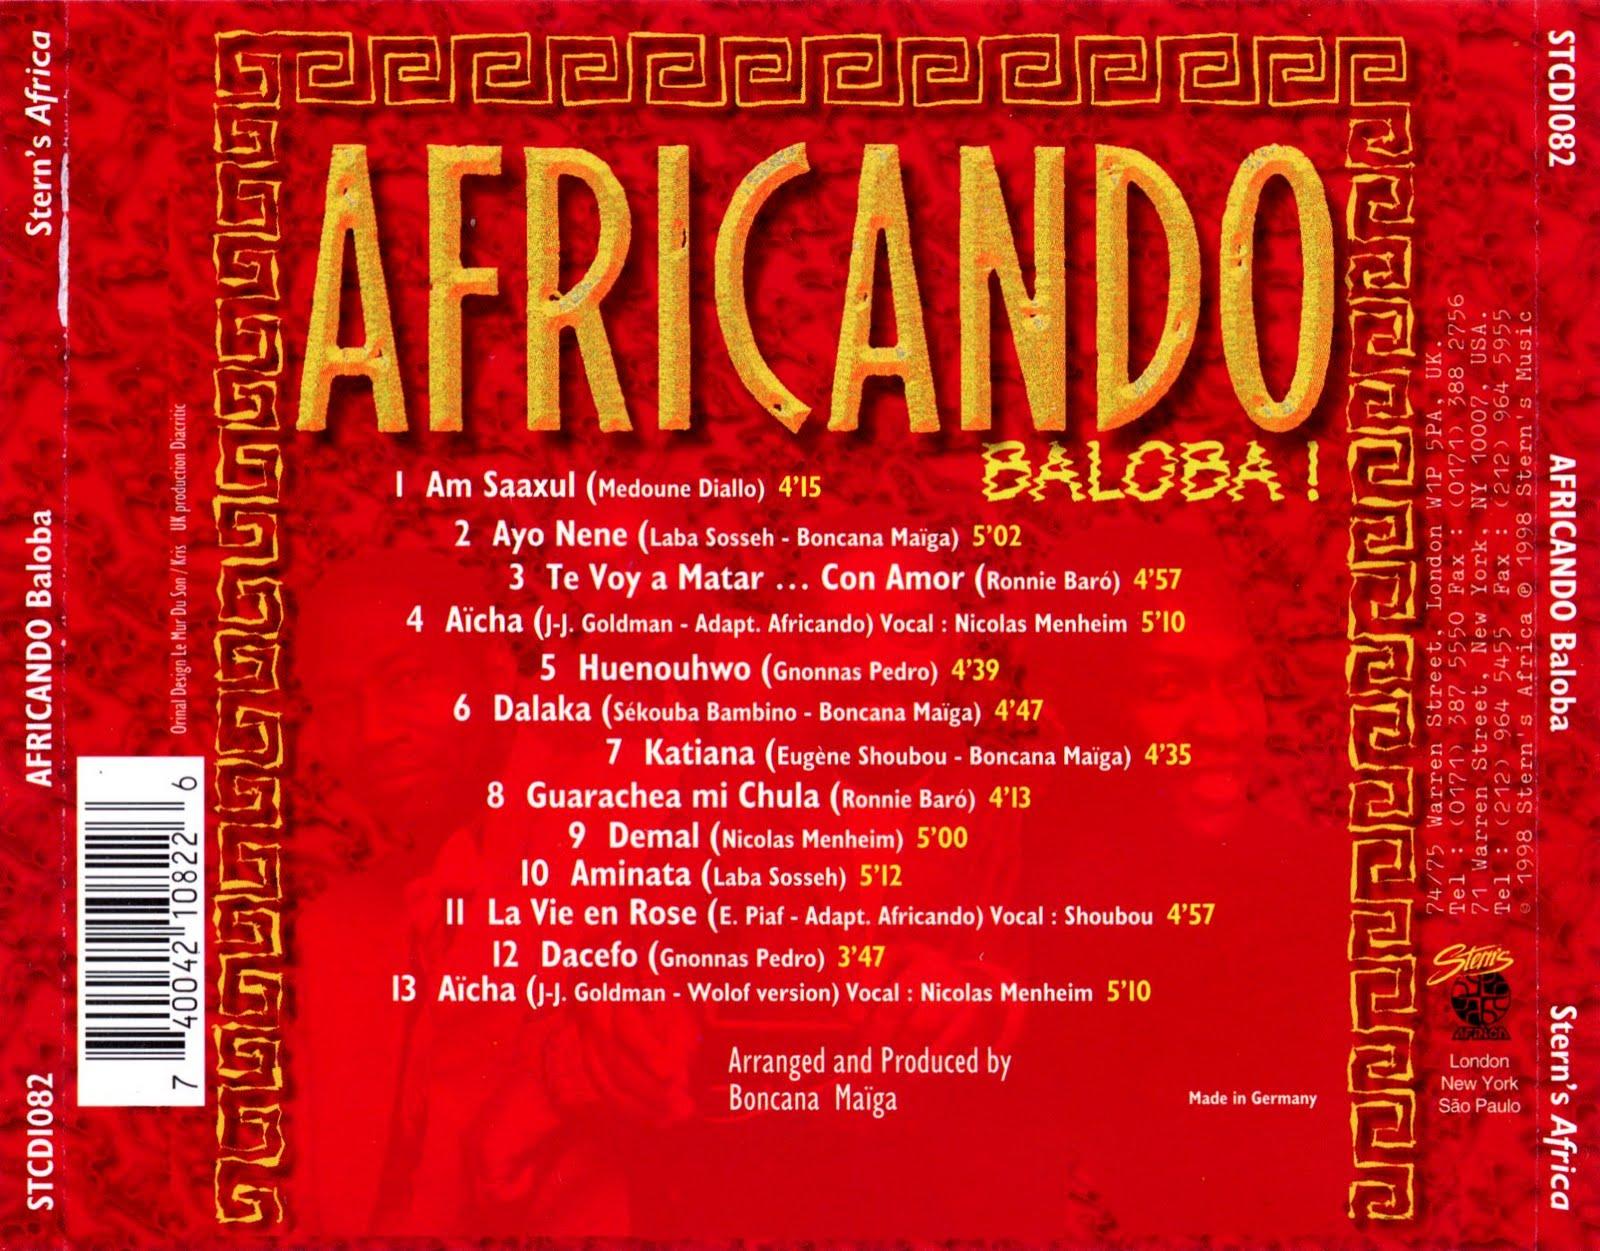 http://2.bp.blogspot.com/_uxE5Yg8kNMU/TCYPkiYPQxI/AAAAAAAAUFw/45sKWZ7yhCo/s1600/Africando+-+Baloba+!+back.JPG